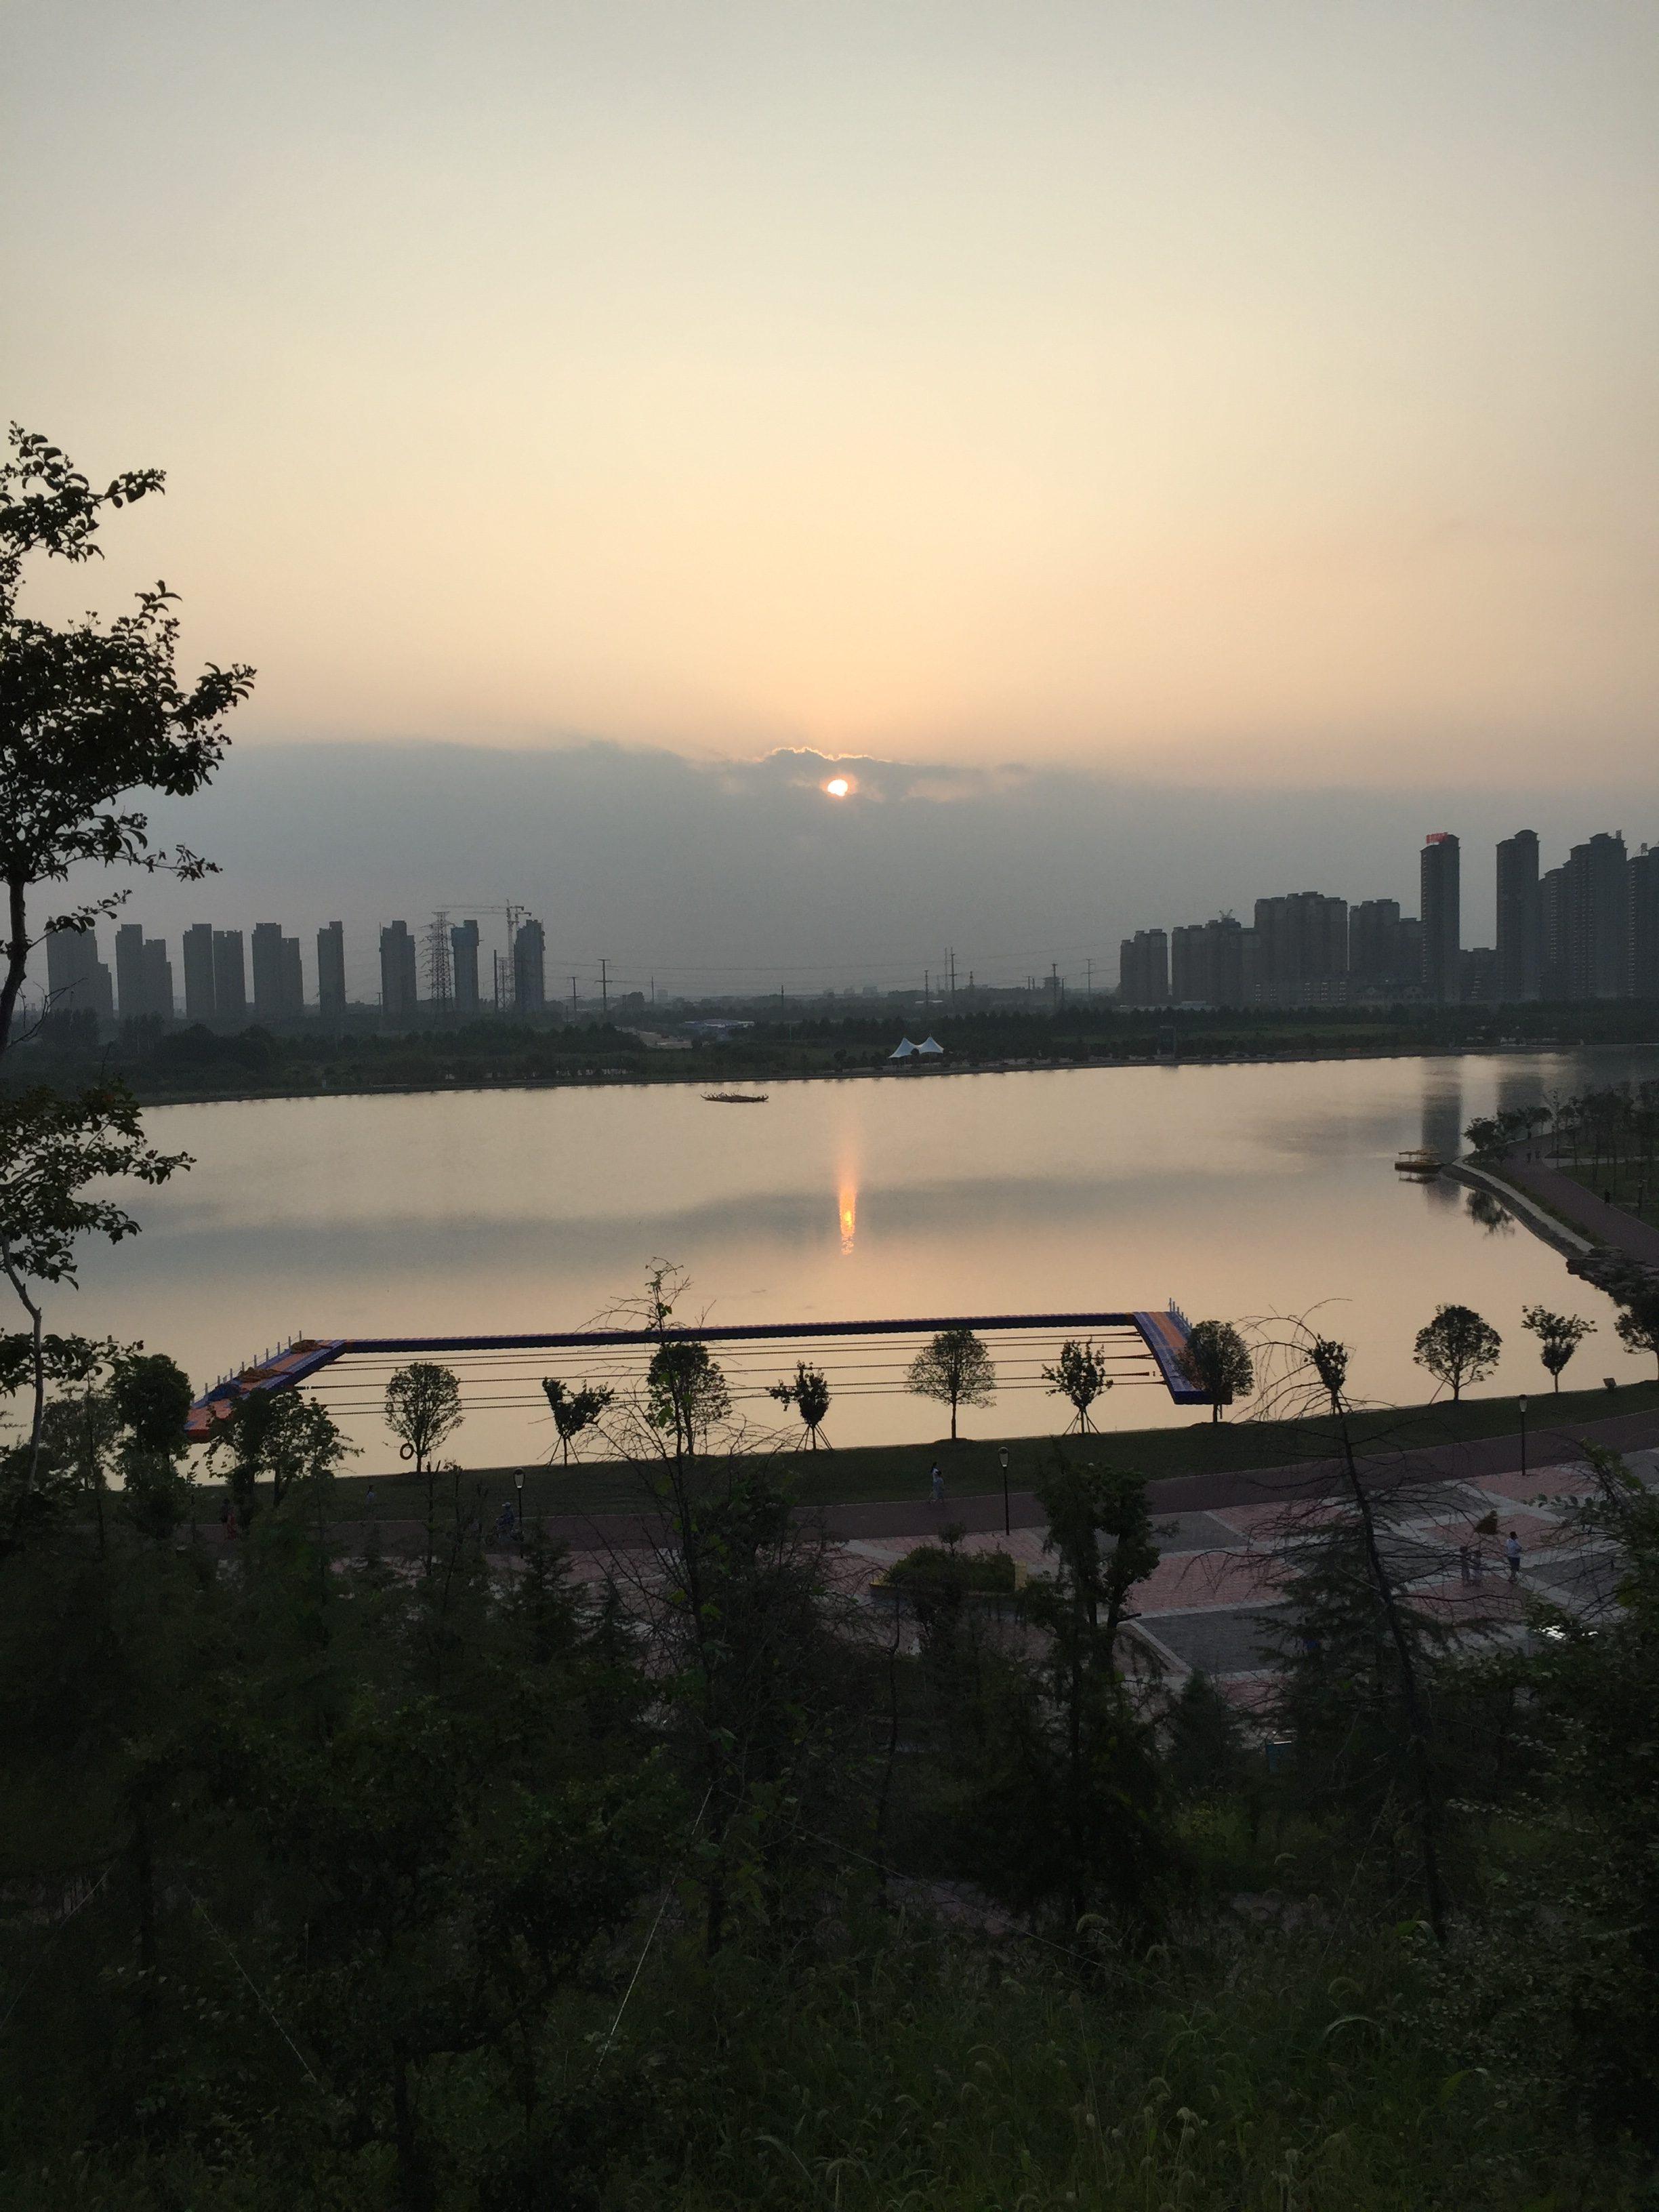 Xunchang, China